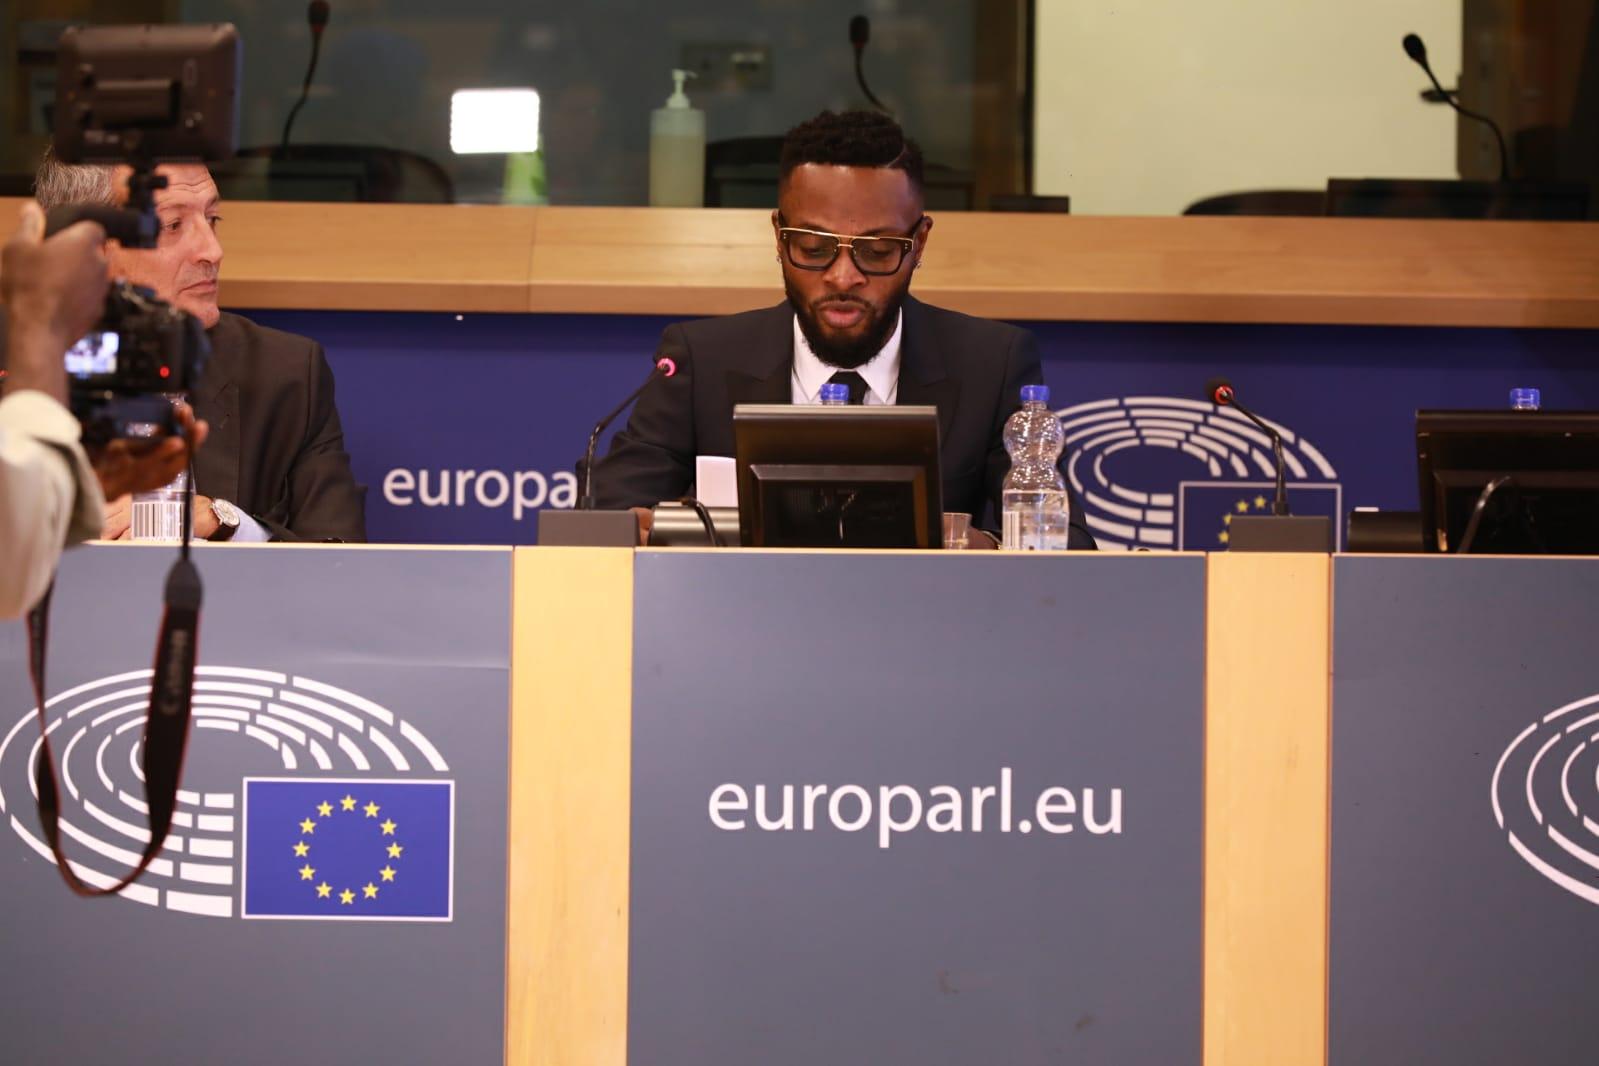 Ce que fait réelement le musicien Héritier Watanabe au parlement européen